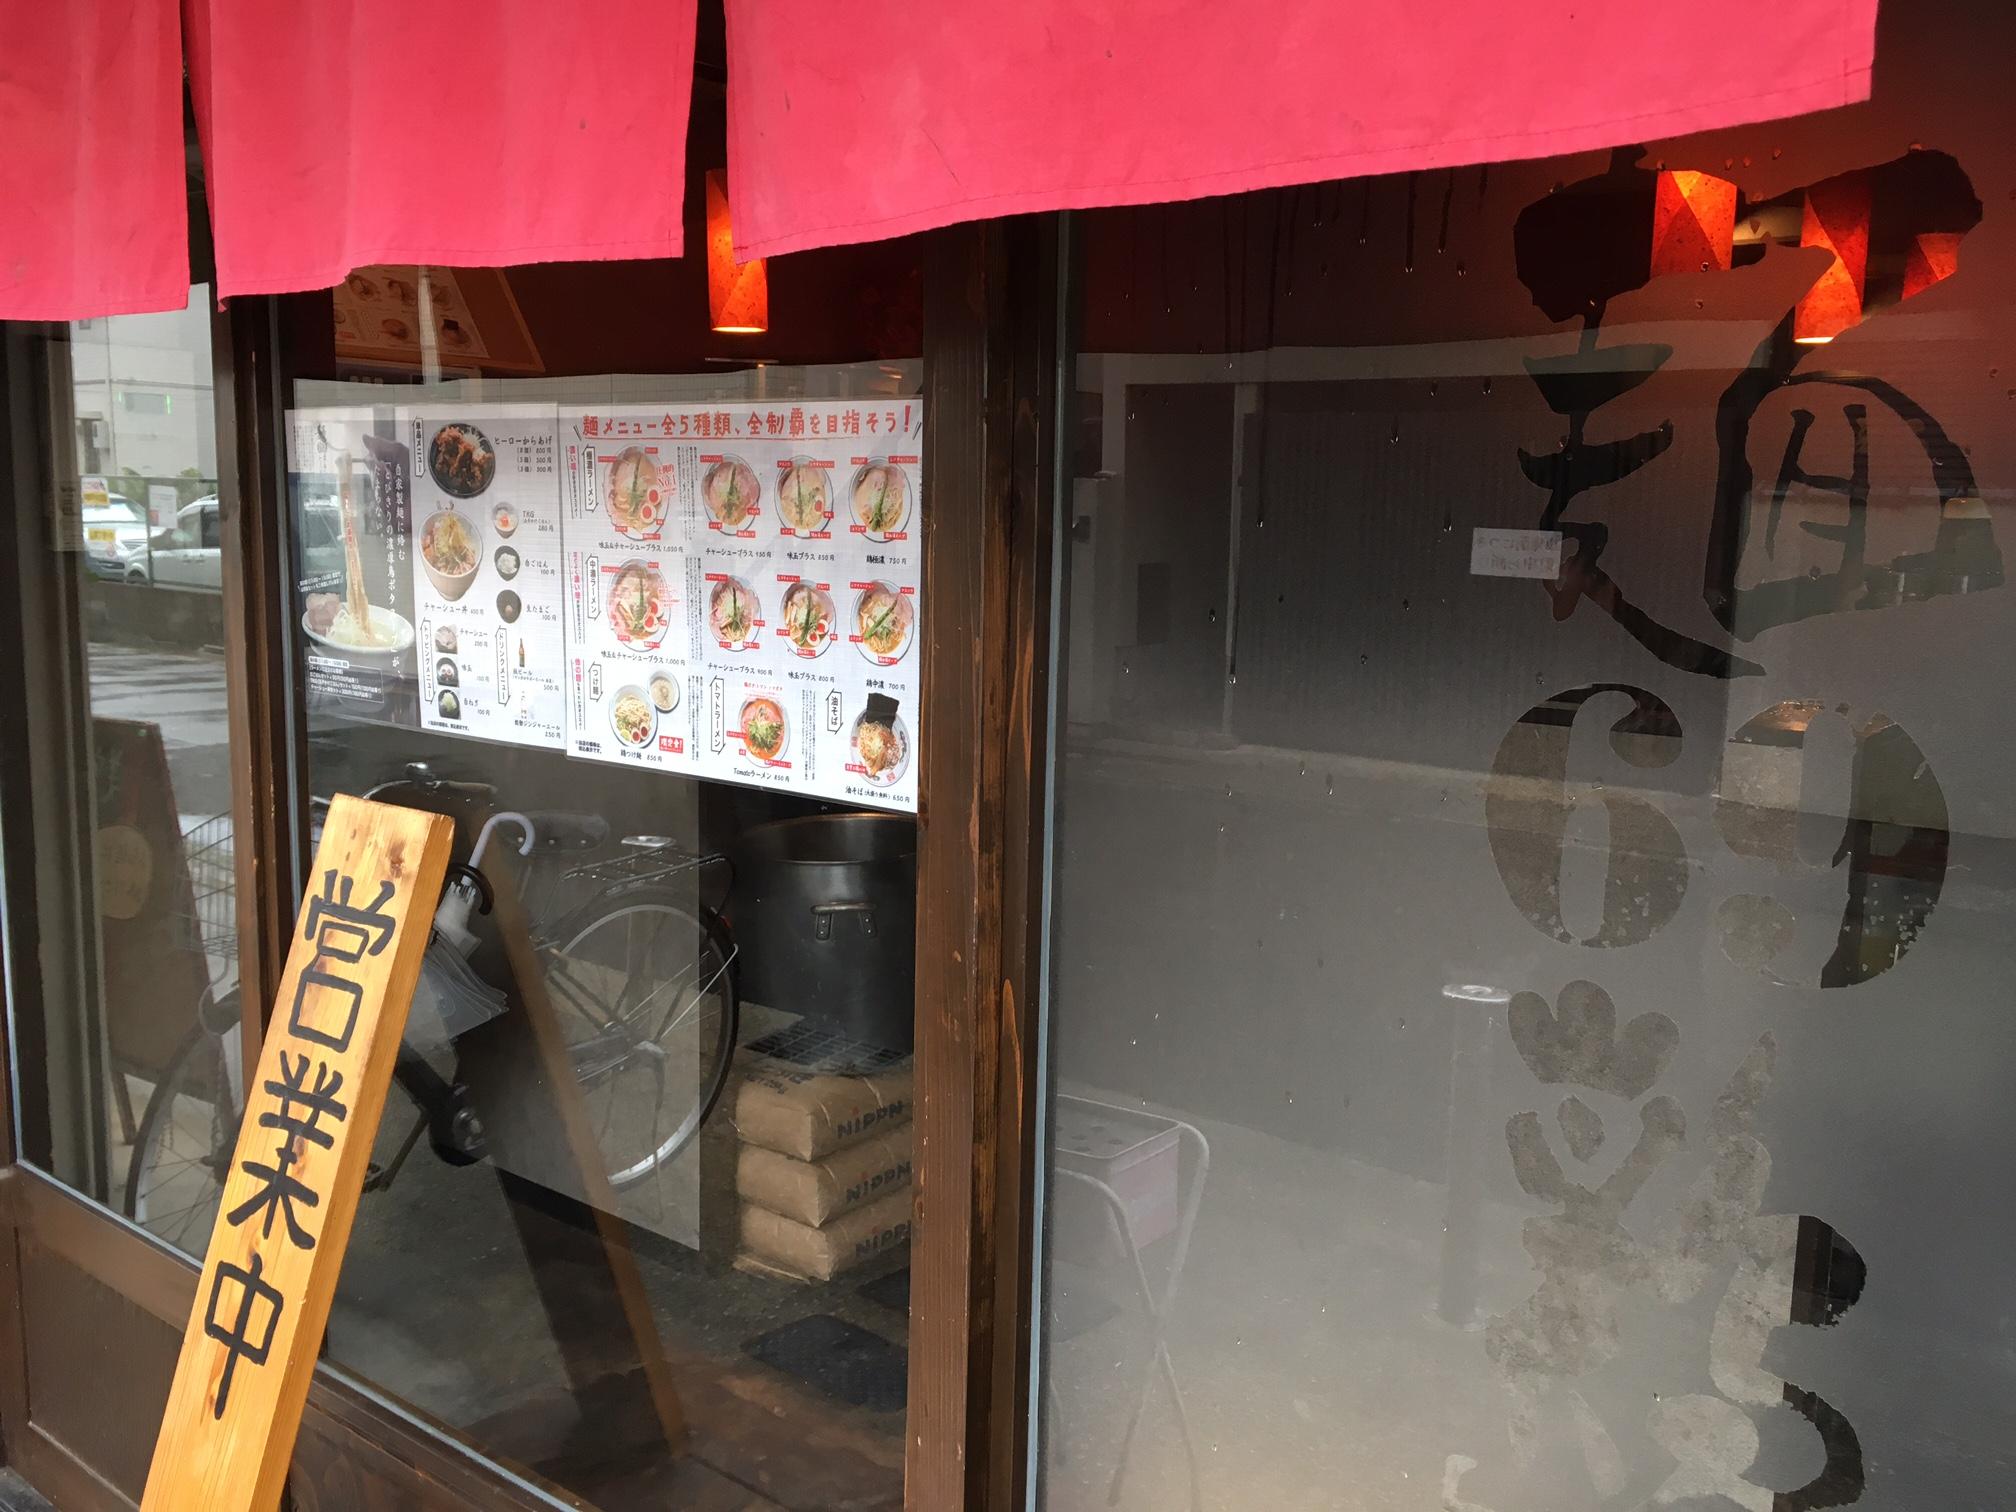 麺69 チキンヒーロー (尼崎市 南塚口町)